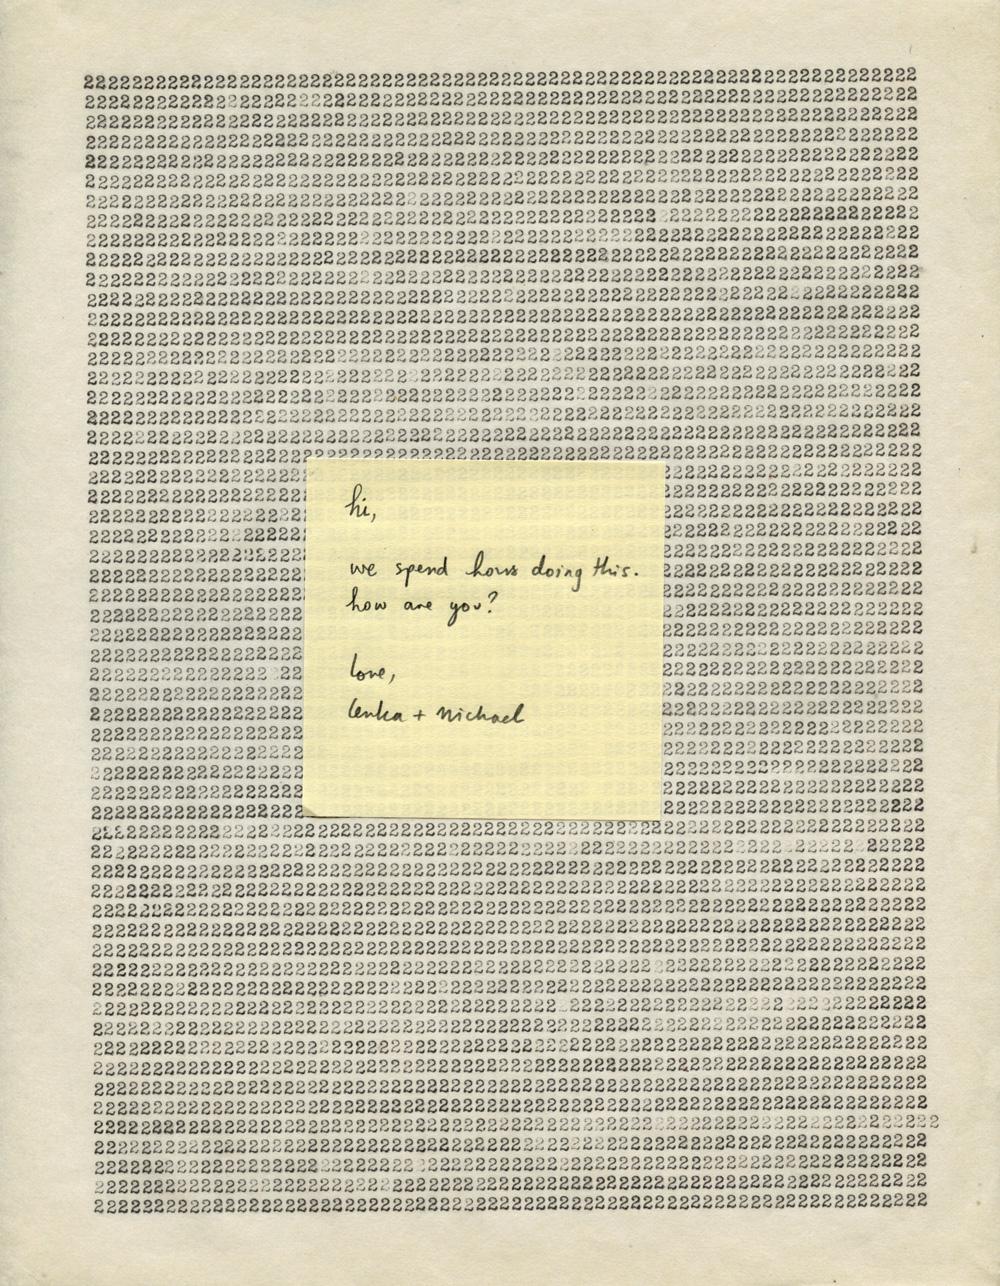 mysterious_letters_den004.jpg